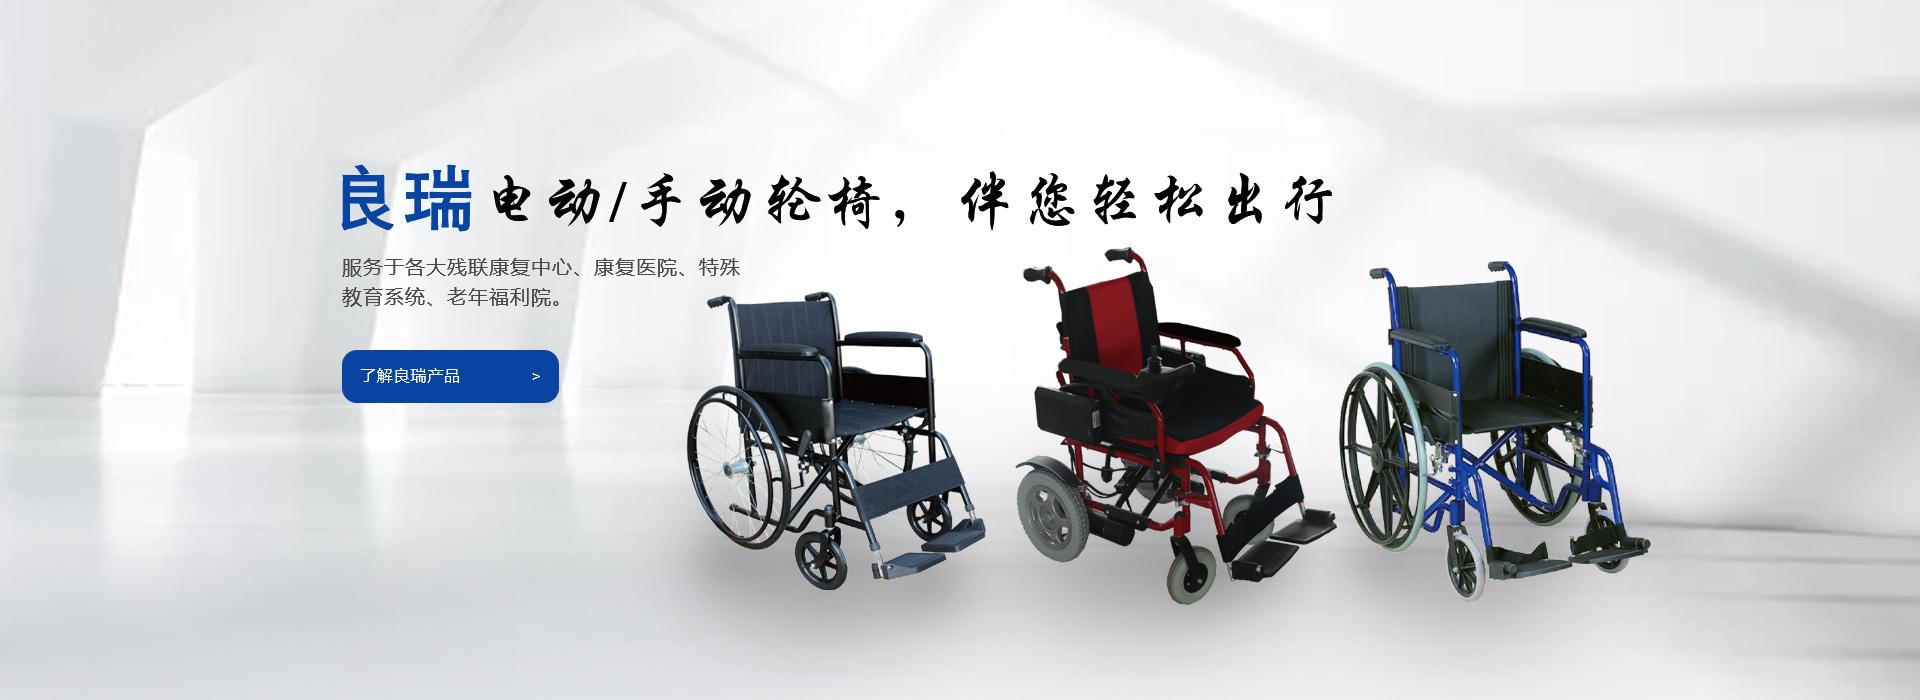 四轮电动老年代步车,升降轮椅厂家,铝合金助行器,多功能拐杖